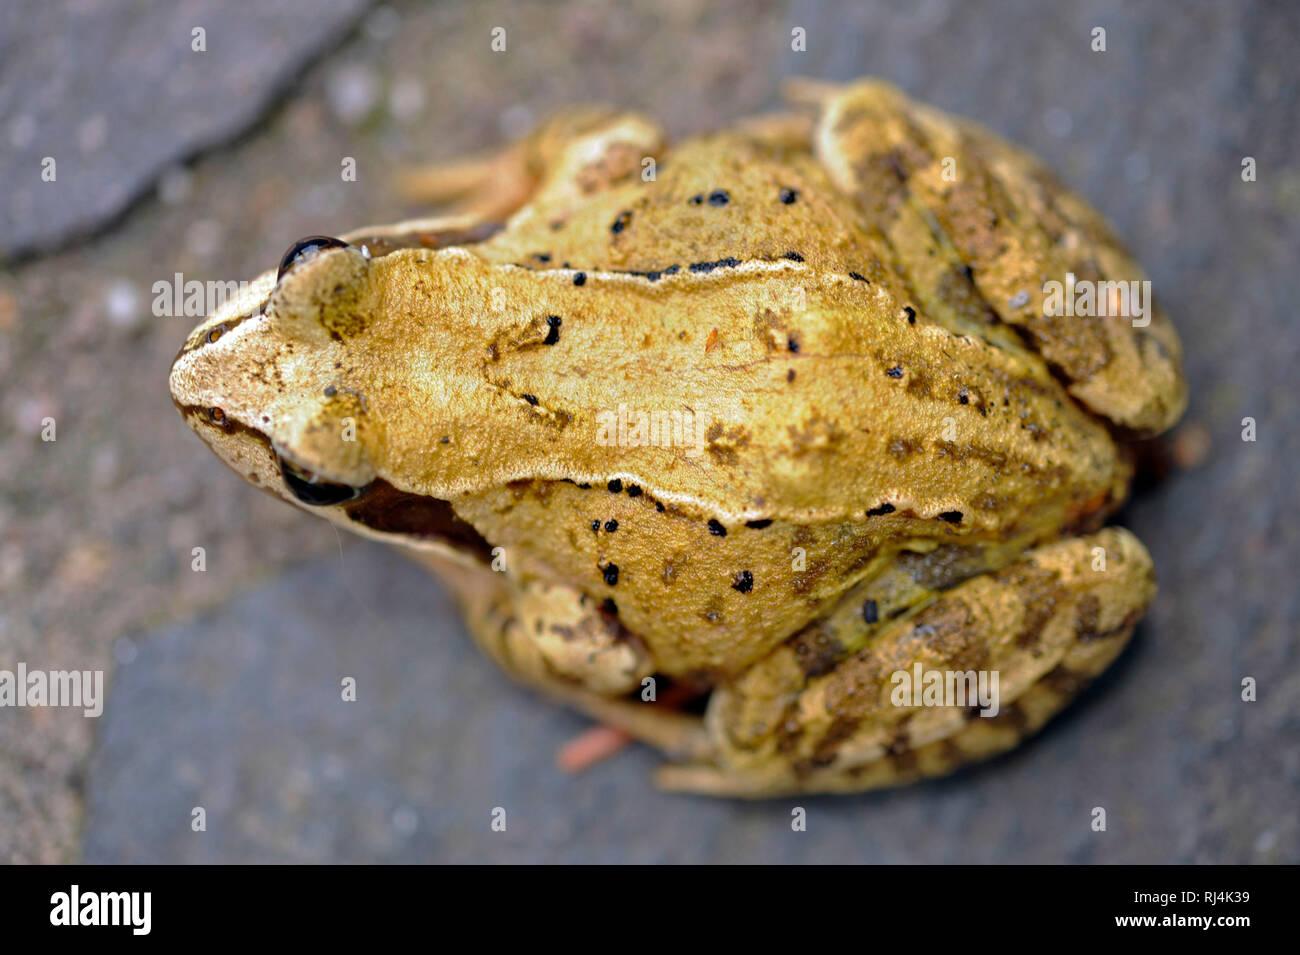 Grasfrosch, Rana temporaria, - Stock Image